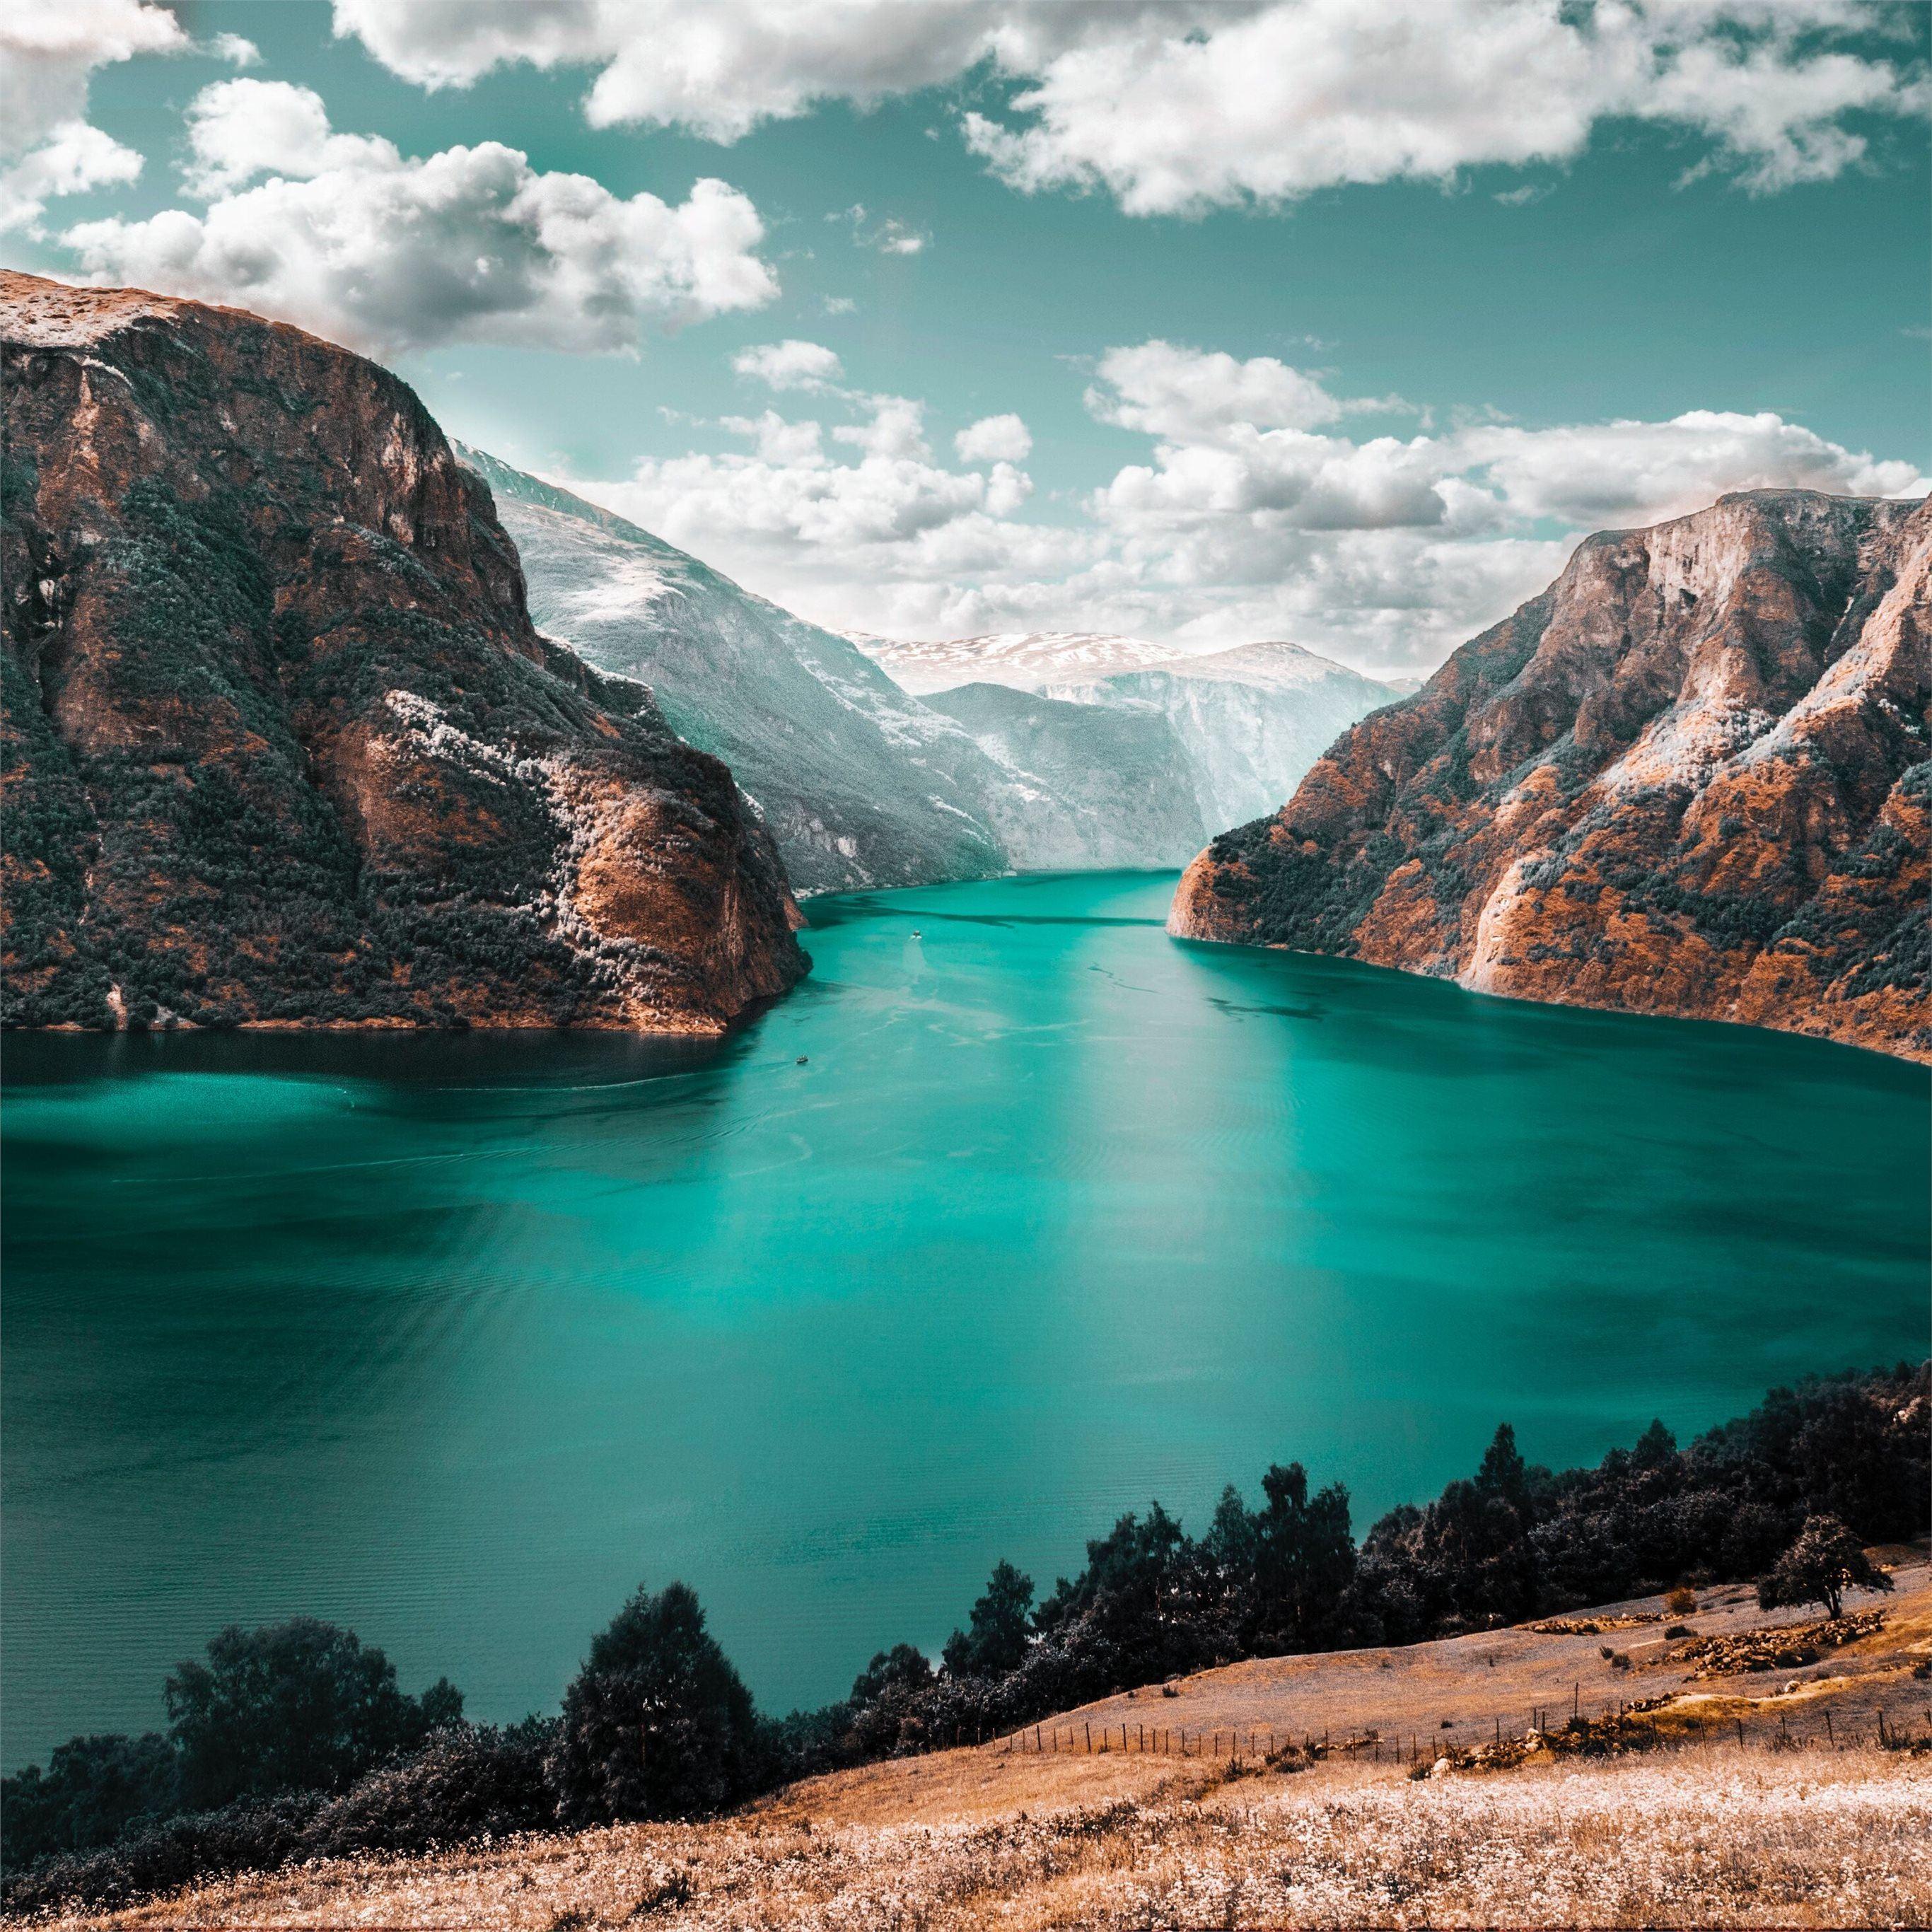 Best Landscape Ipad Pro Hd Wallpapers Ilikewallpaper